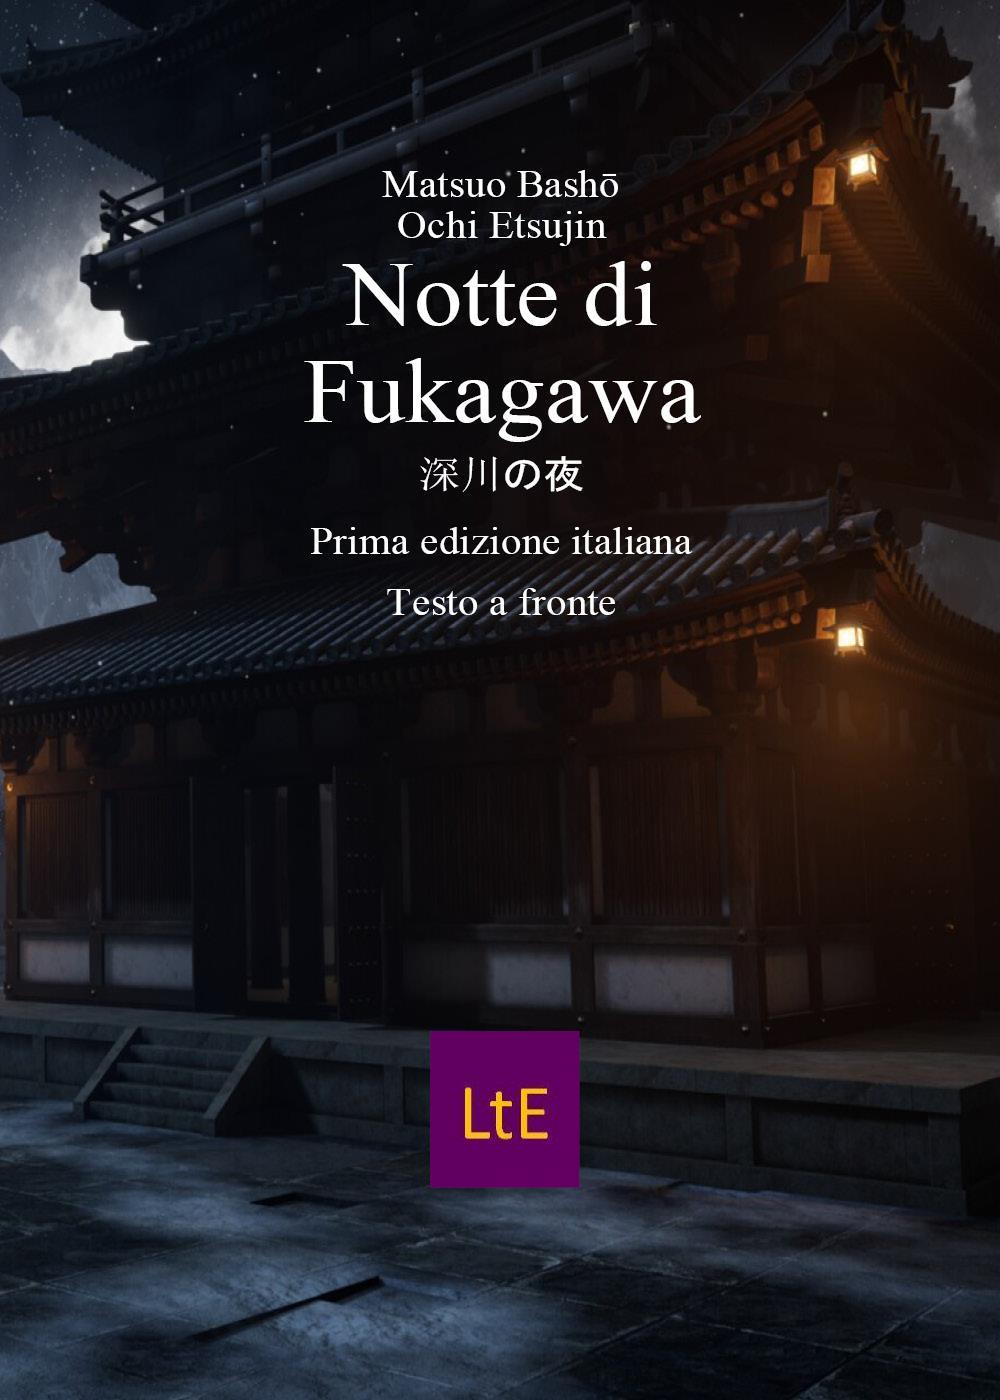 Notte di Fukagawa